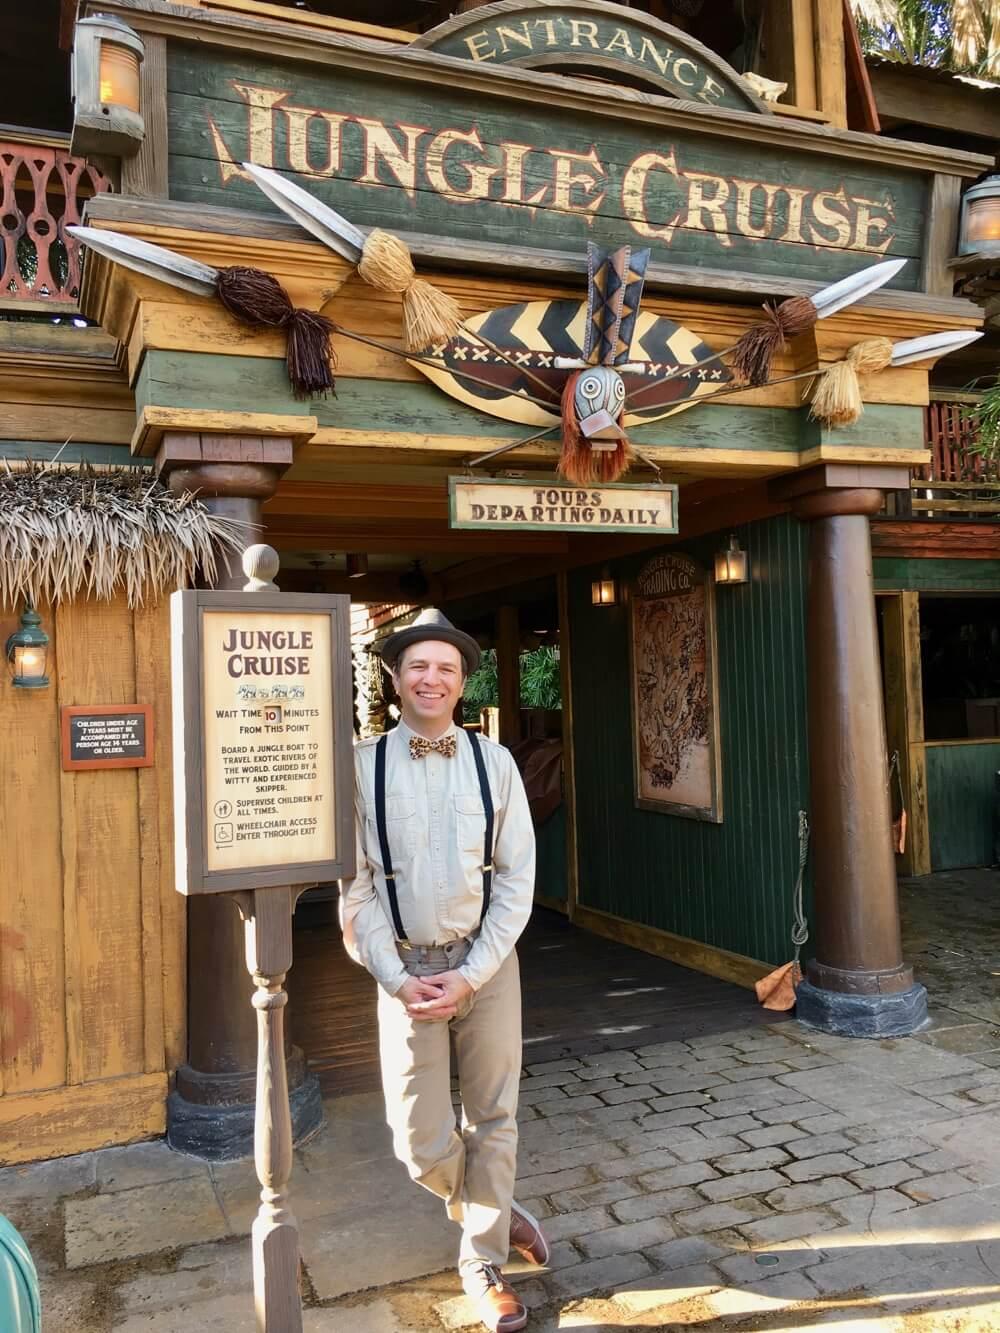 Best Queues at Disneyland - Jungle Cruise Exterior